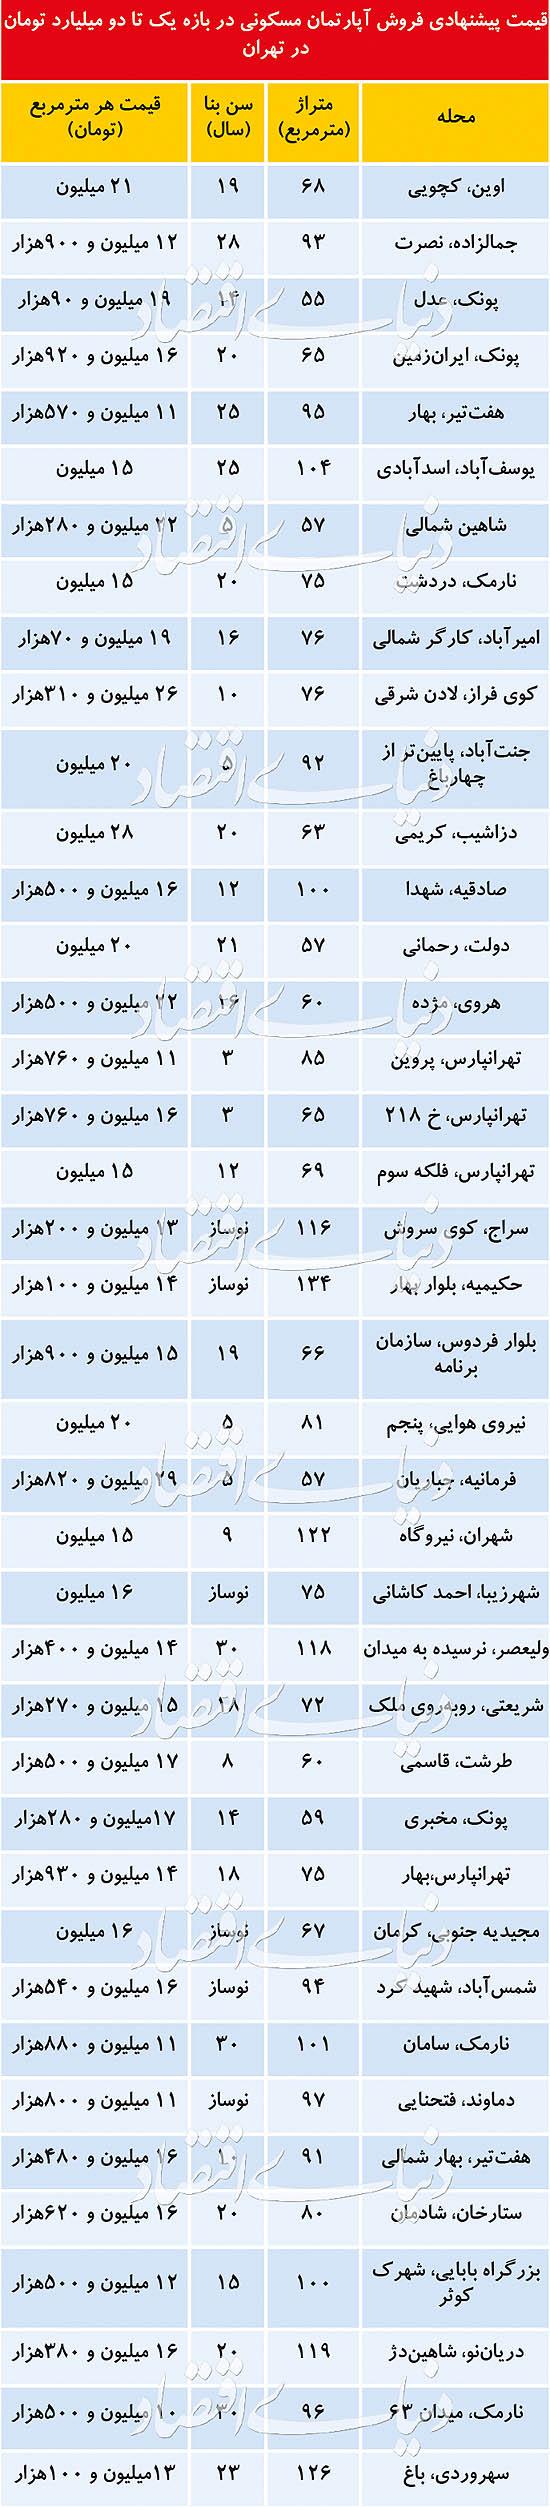 قیمت پیشنهادی فروش آپارتمان مسکونی در بازه یک تا دو میلیارد تومان در تهران